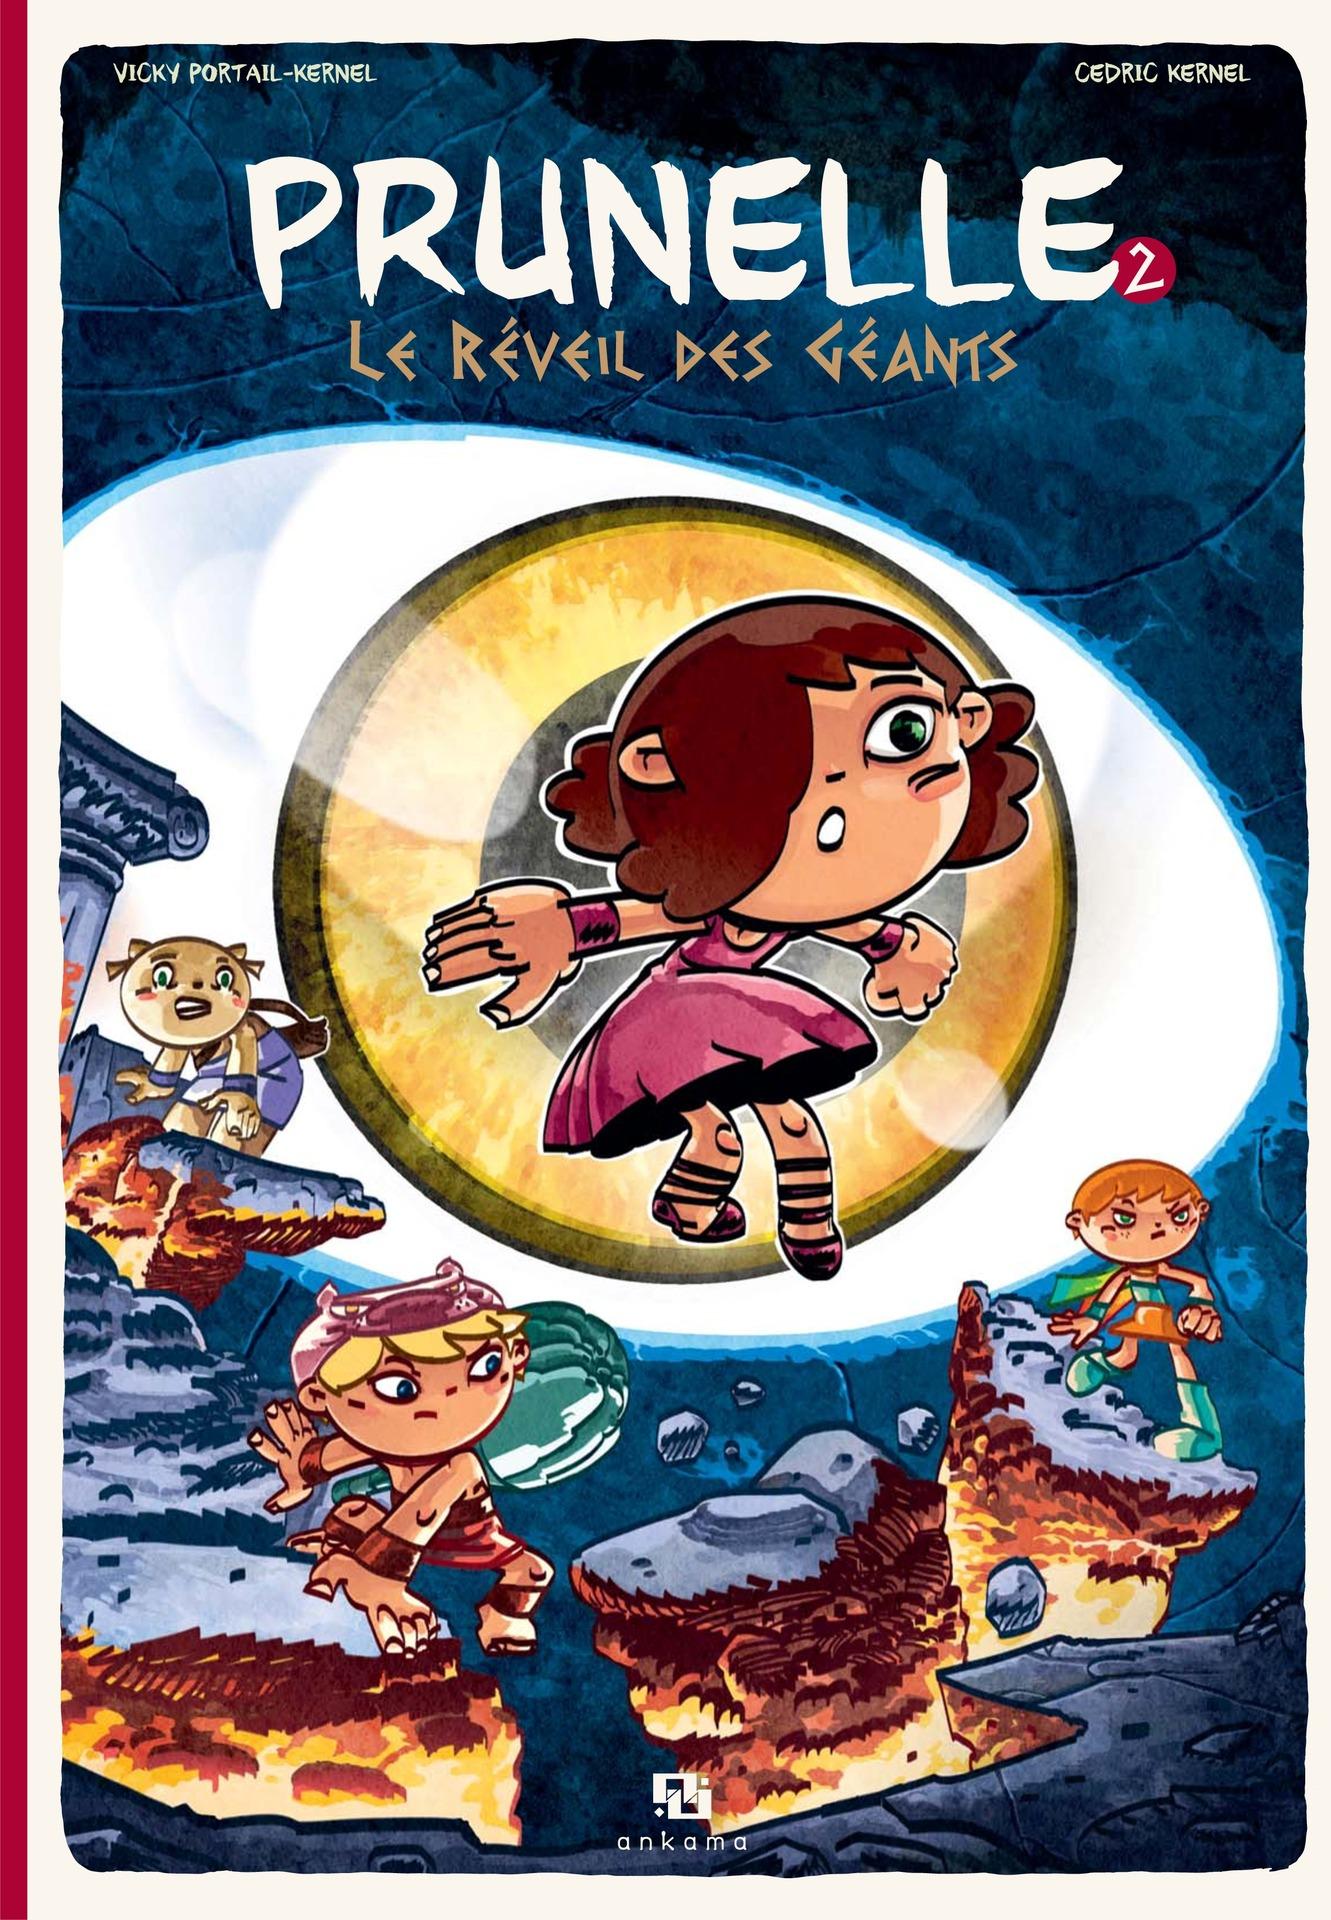 Prunelle - Tome 2 - Le Réveil des Géant | Vicky Portail-Kernel,